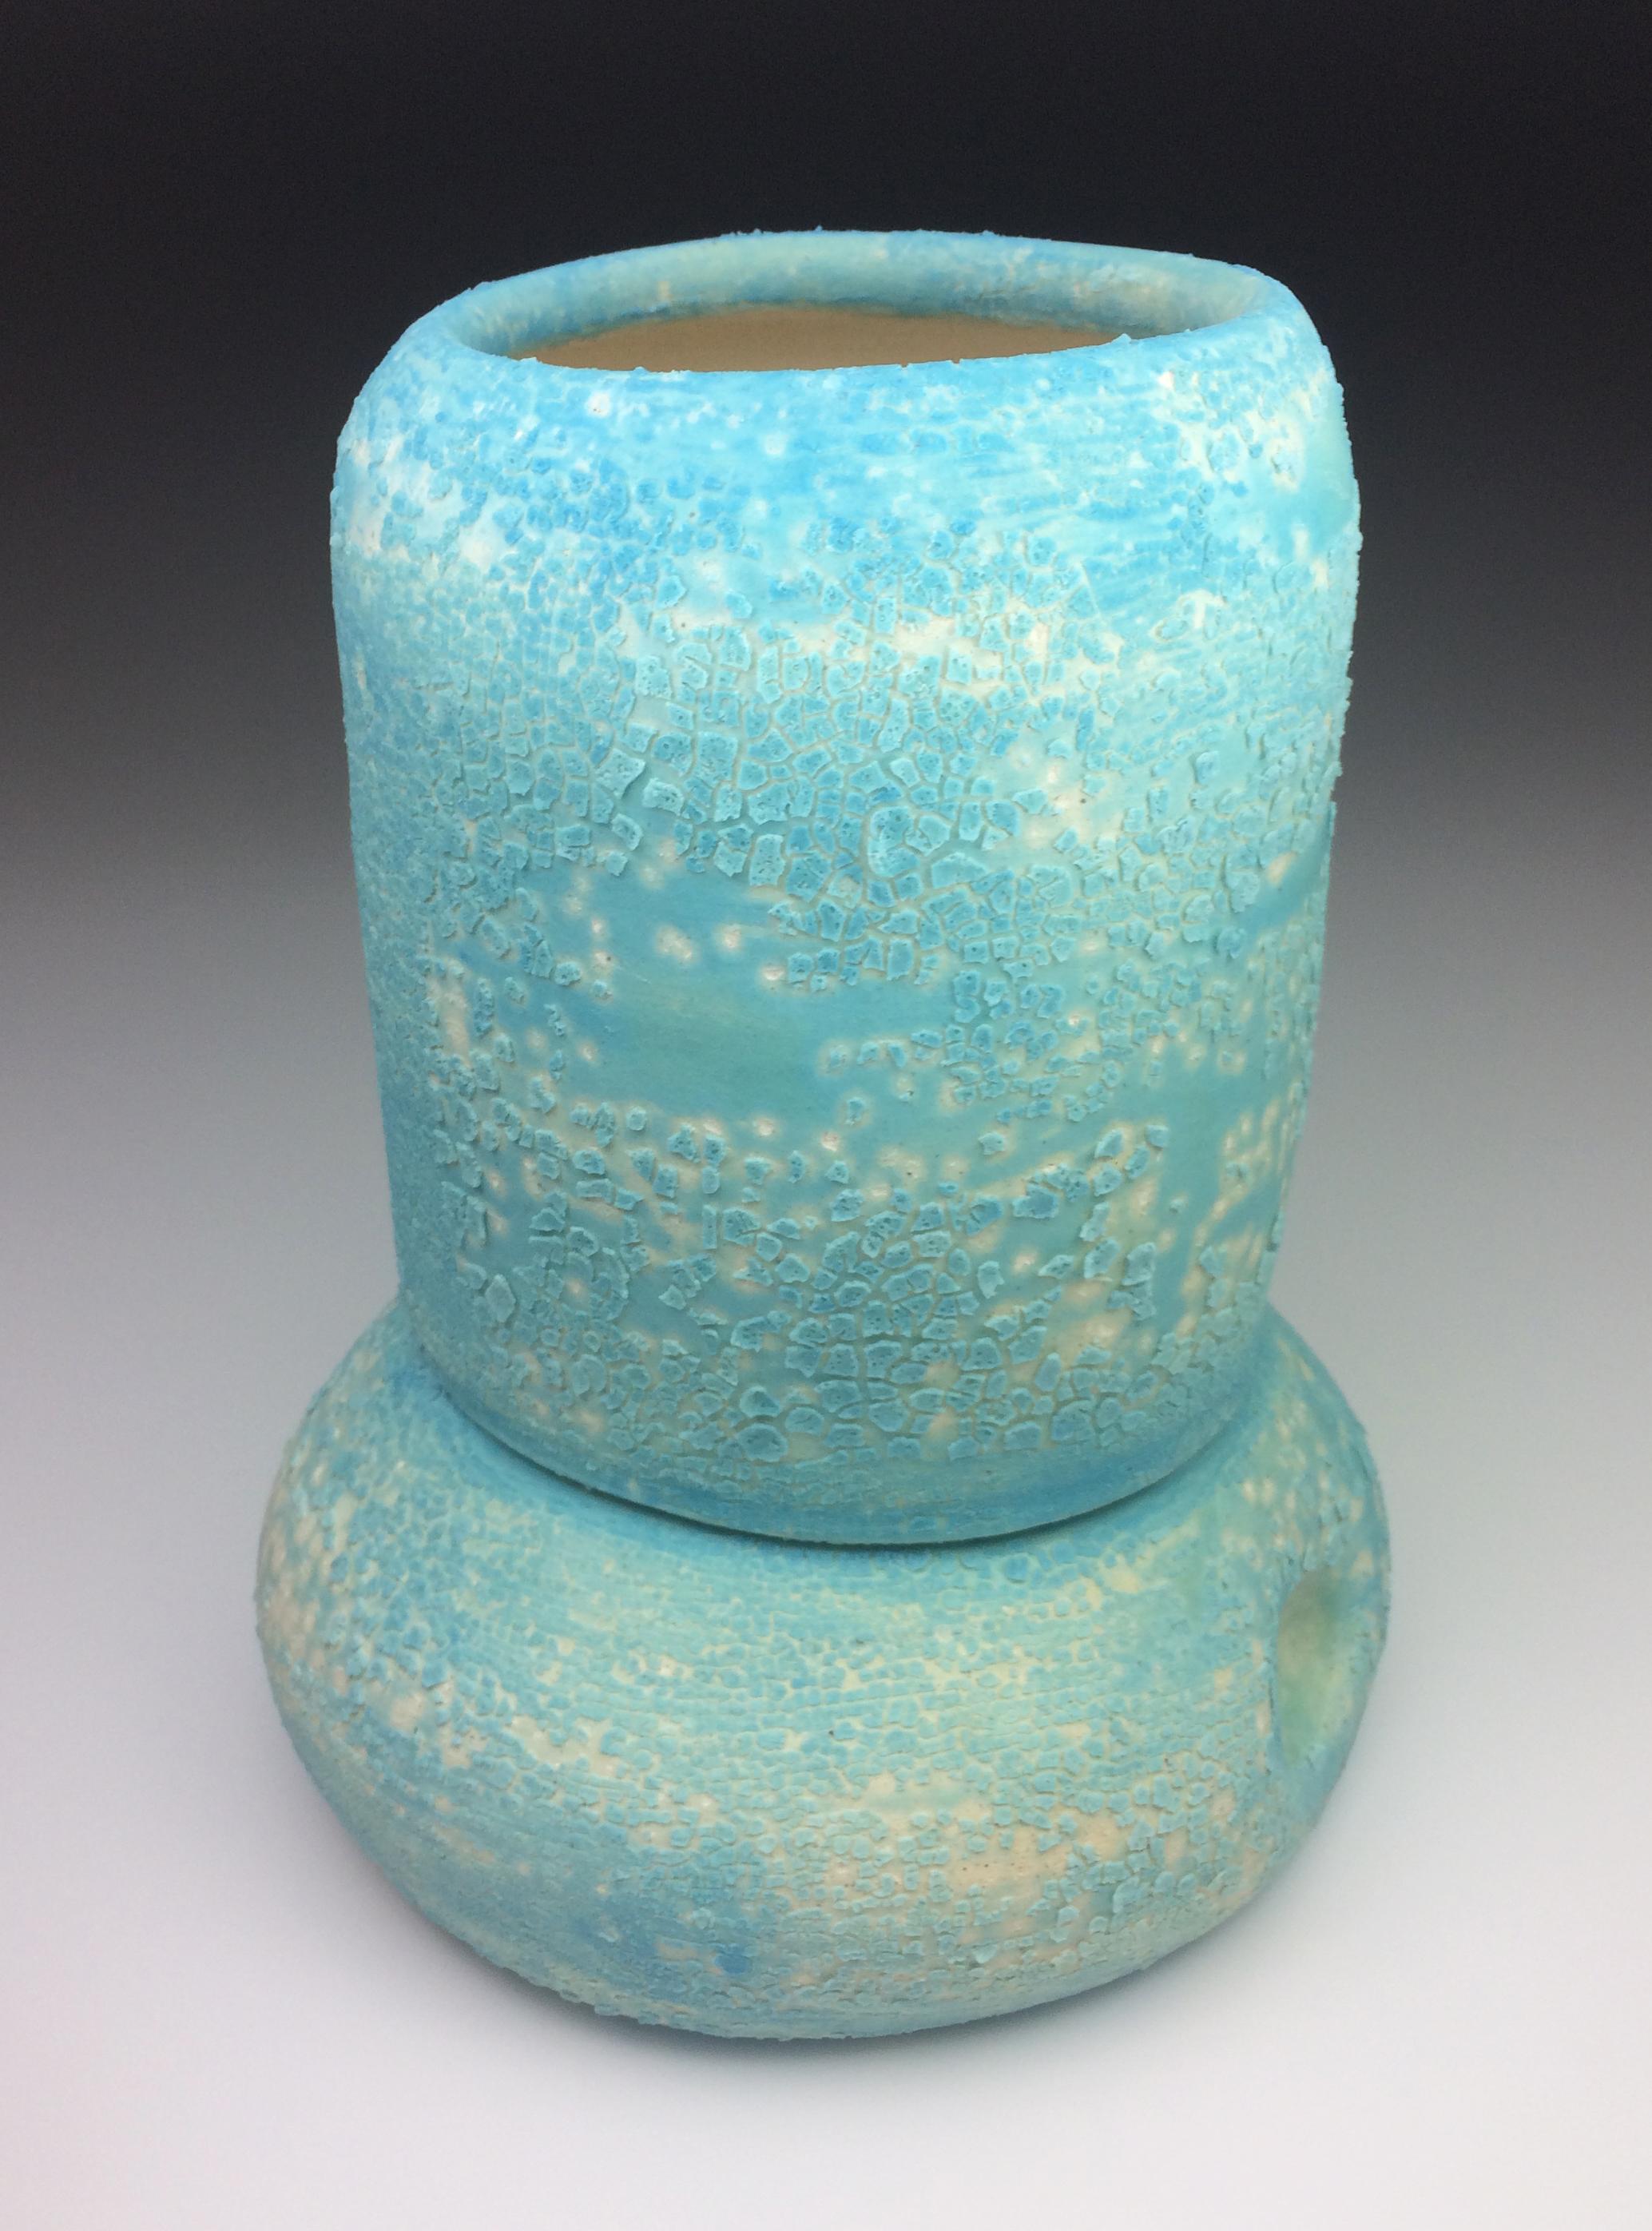 """Andros   Cone 06 White Earthenware    MNO lichen glaze.   8 x 6.5 x 6.5"""", 2016"""